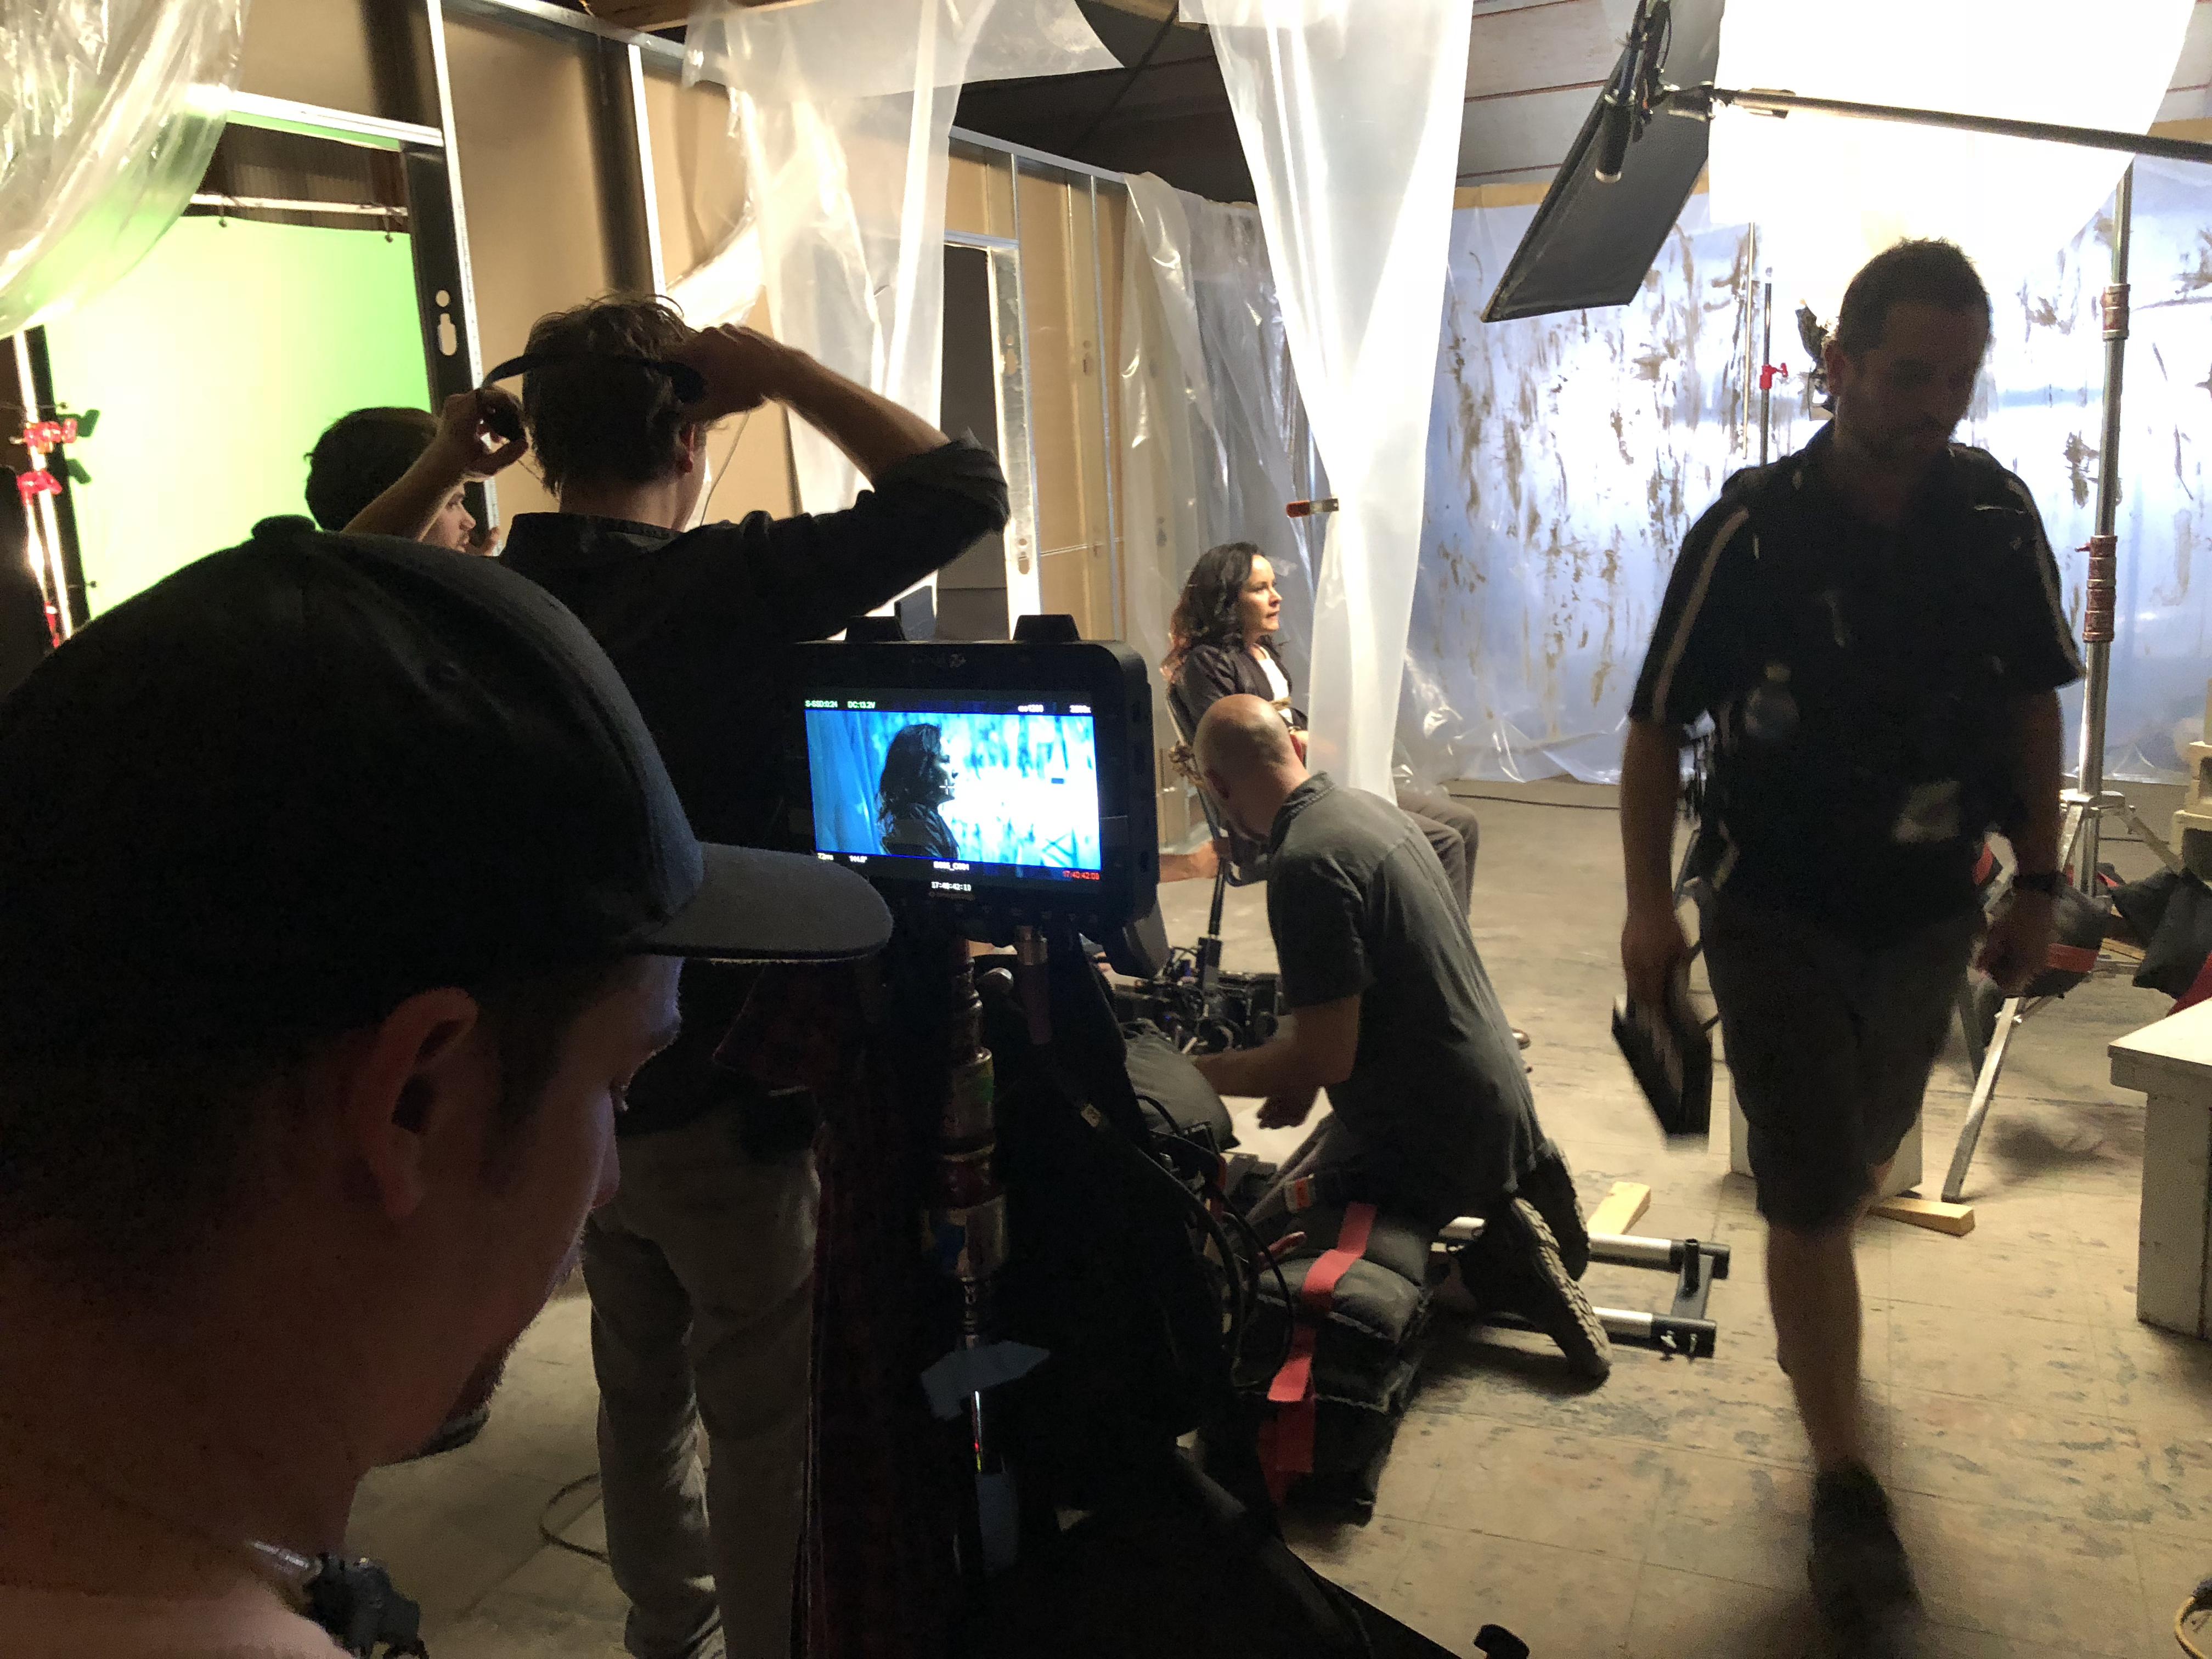 behind the scenes tommie-amber pirie